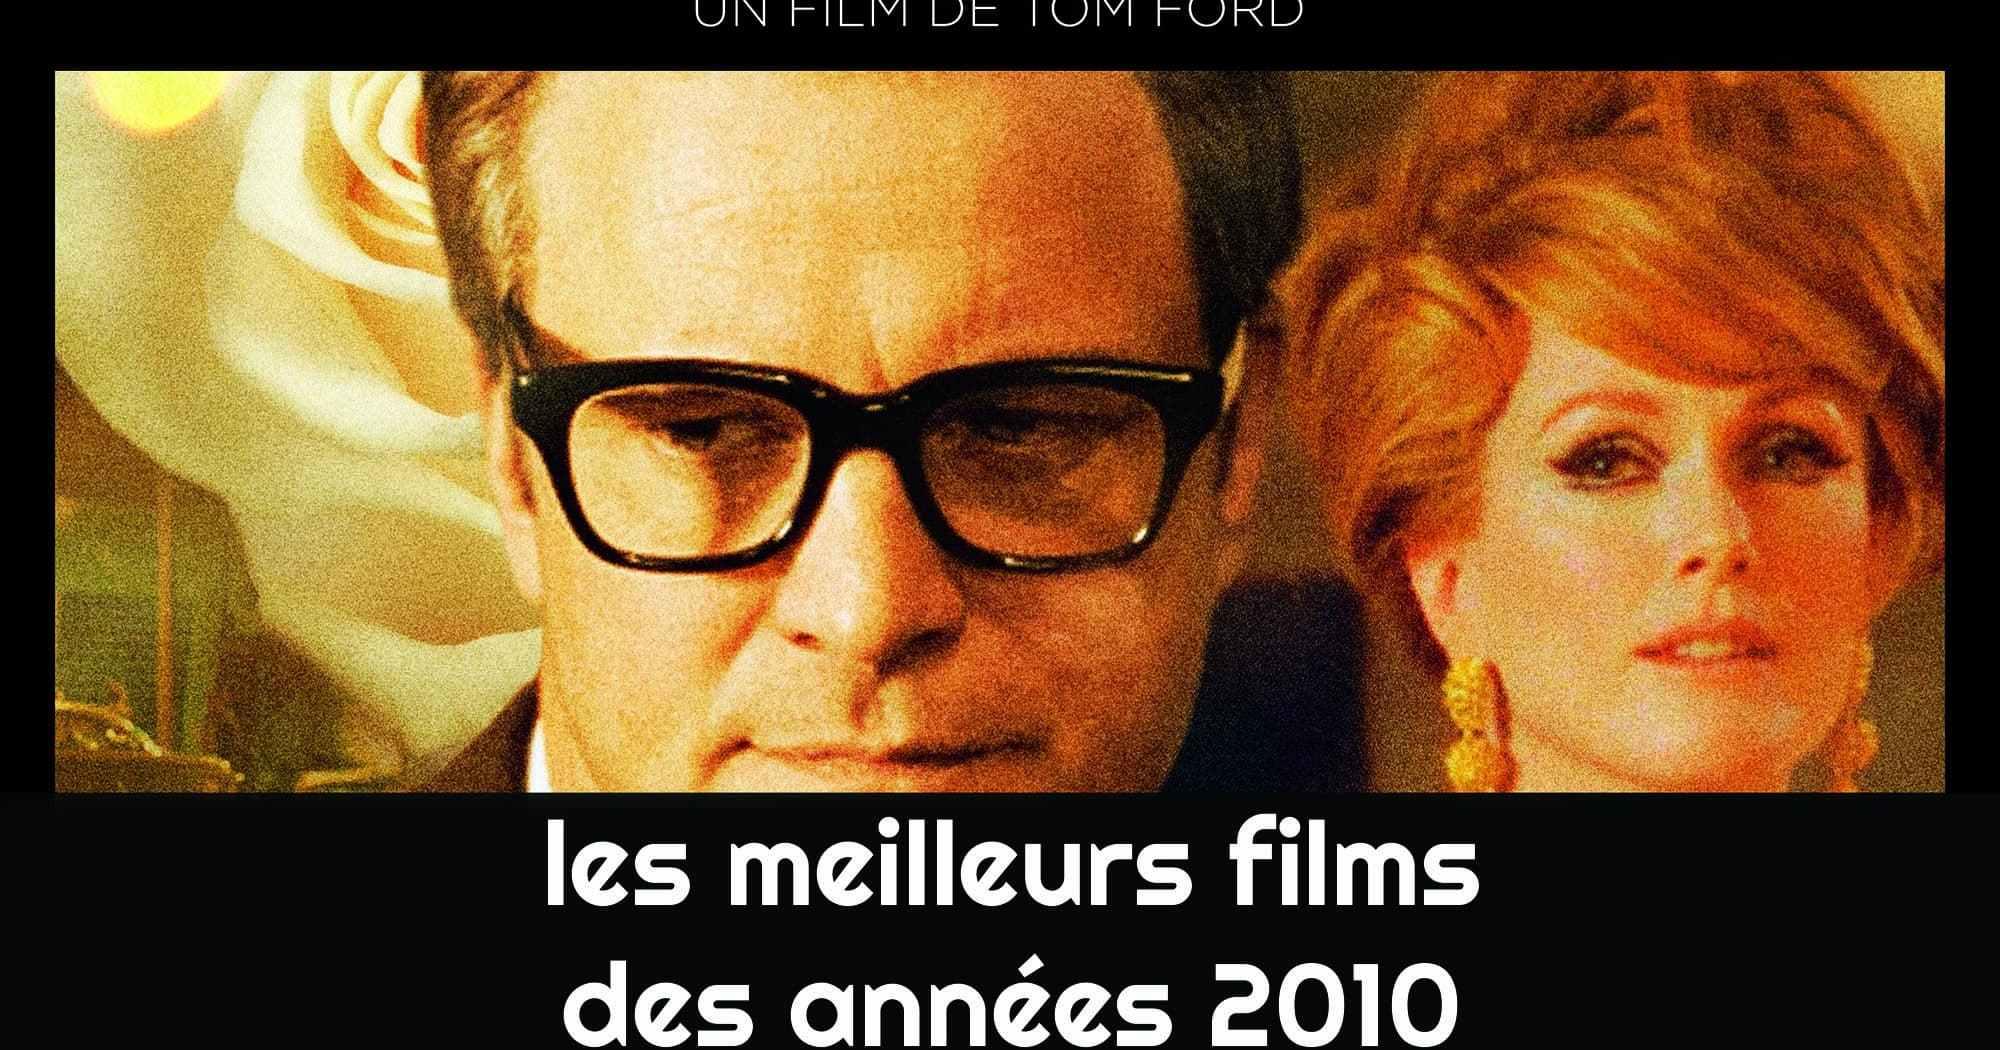 A single Man, les films des années 2010